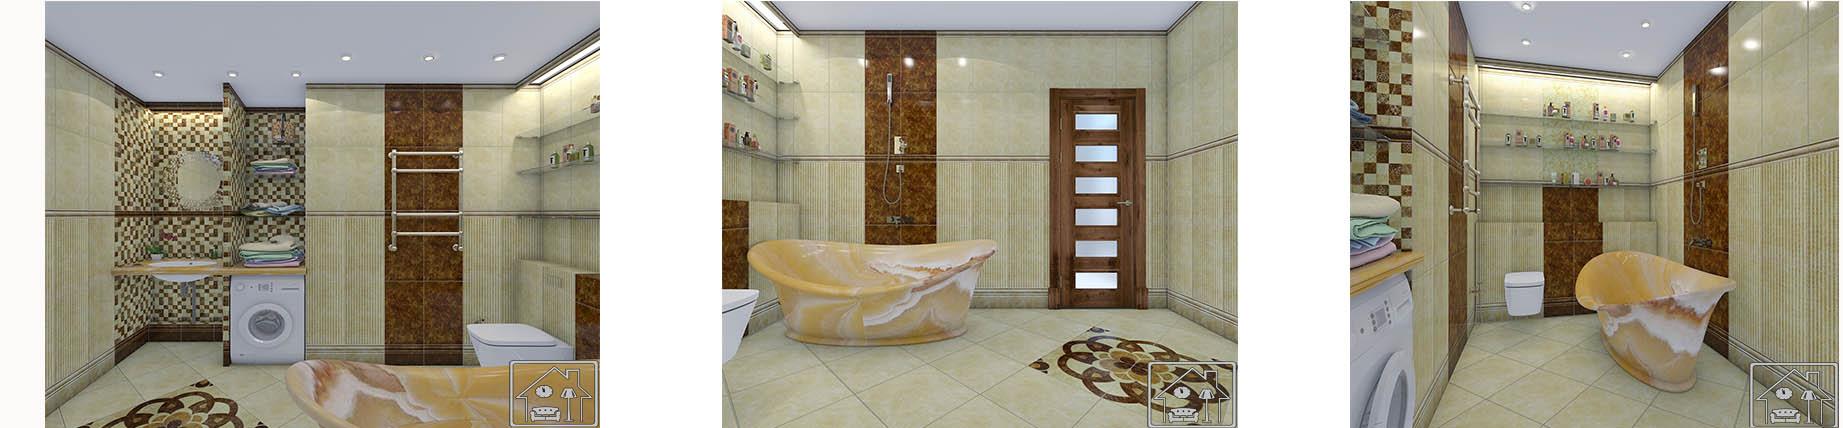 Санузел светлая отдельная ванная